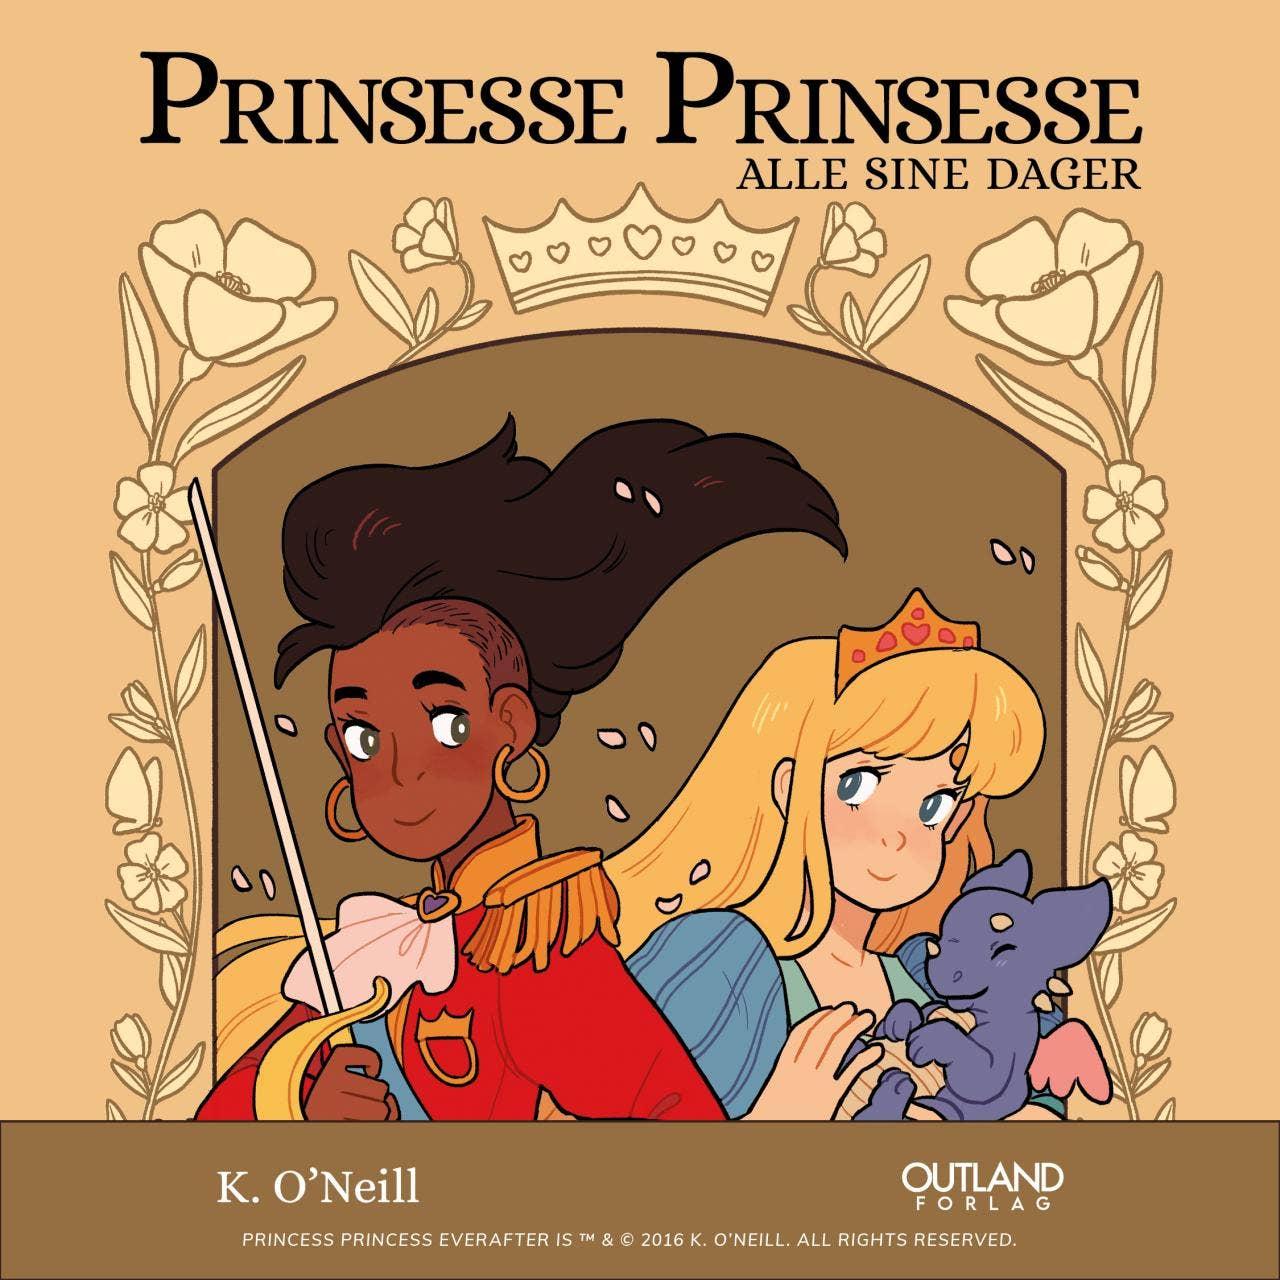 Prinsesse prinsesse: en ny tegneserie om oppgjør med kjønnsroller fra Outland forlag